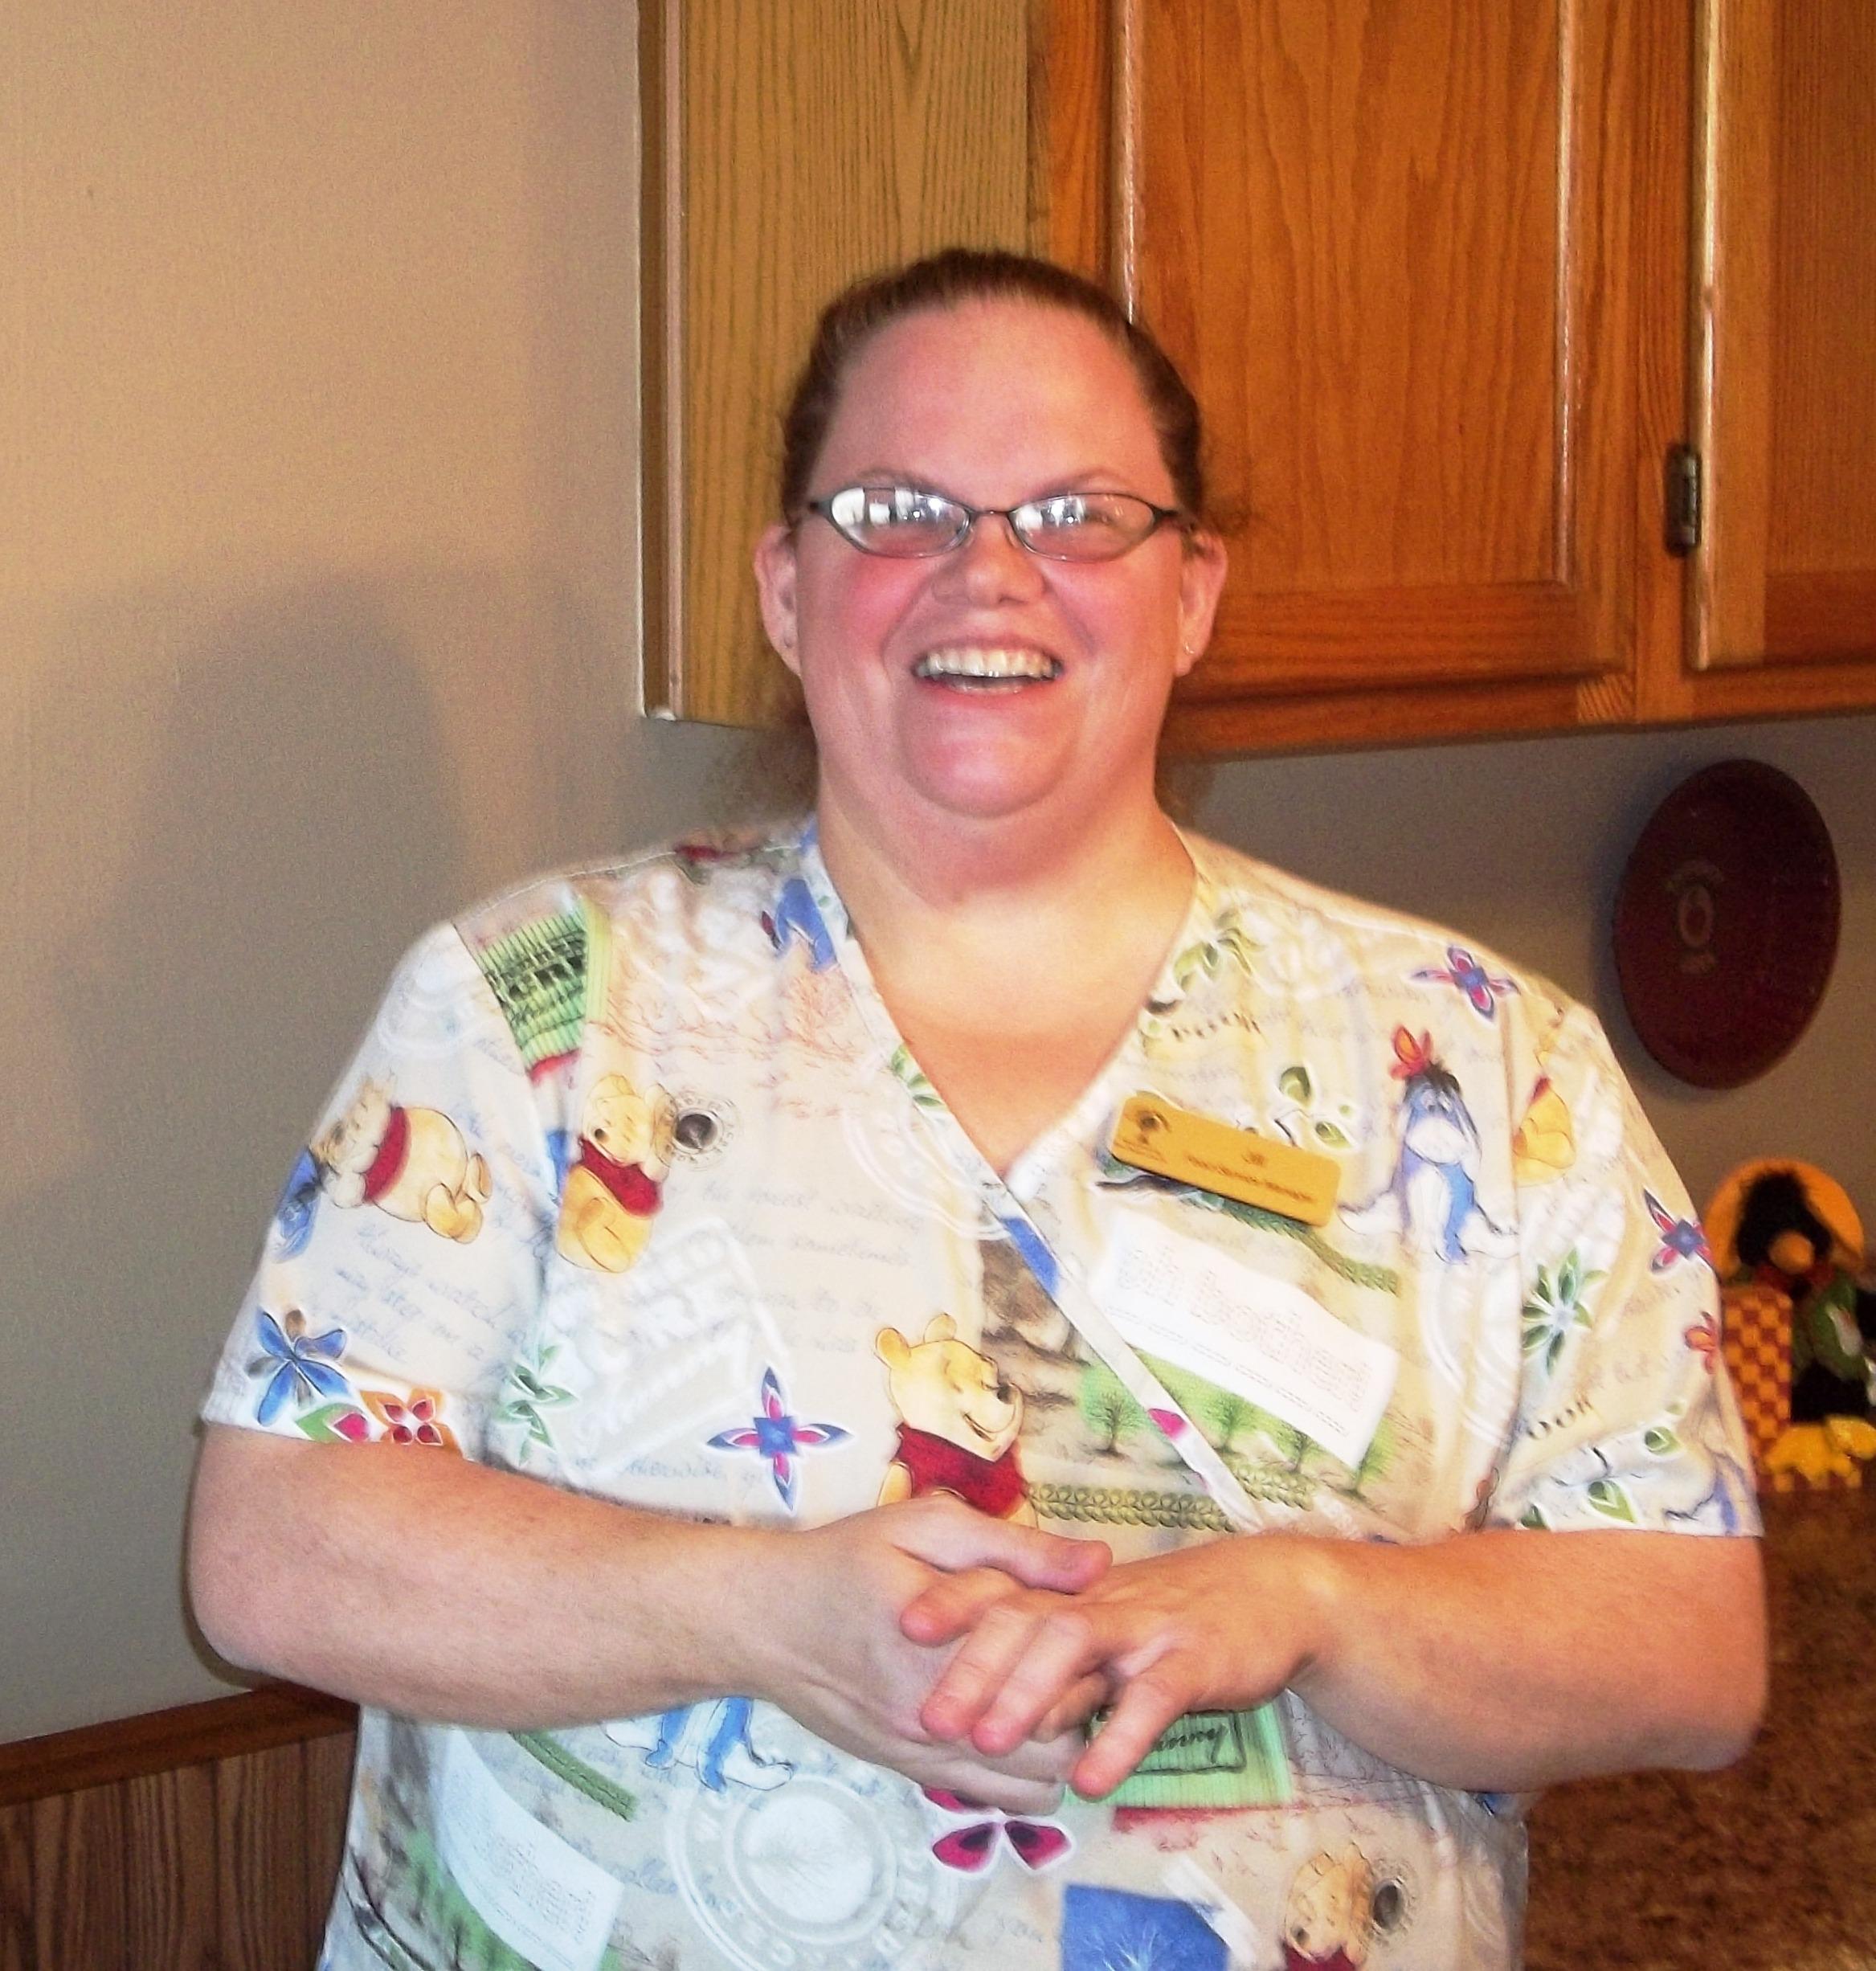 Jill, Dietary